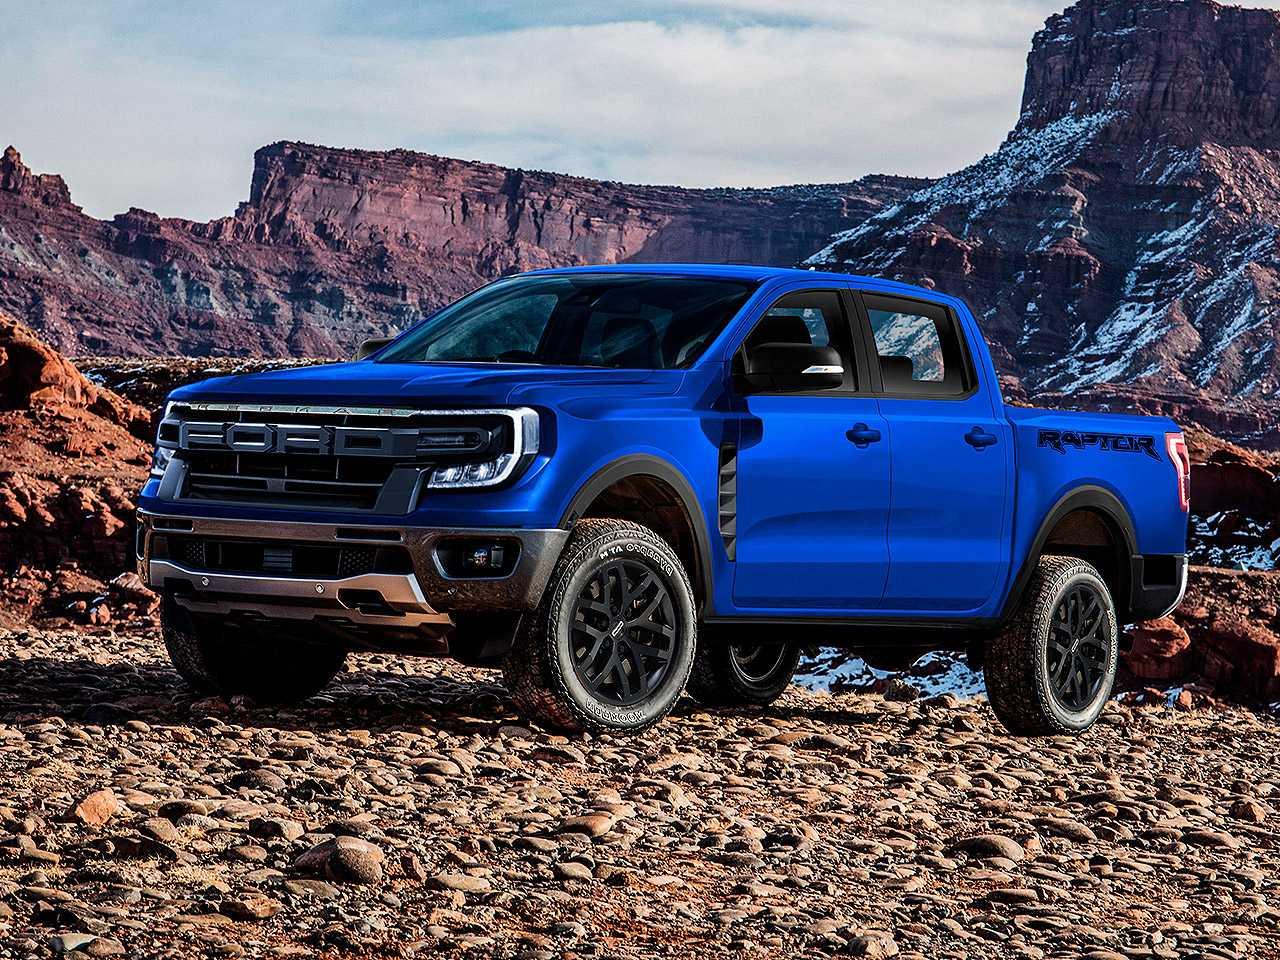 Projeção de Kleber Silva para a nova geração da Ford Ranger na versão Raptor